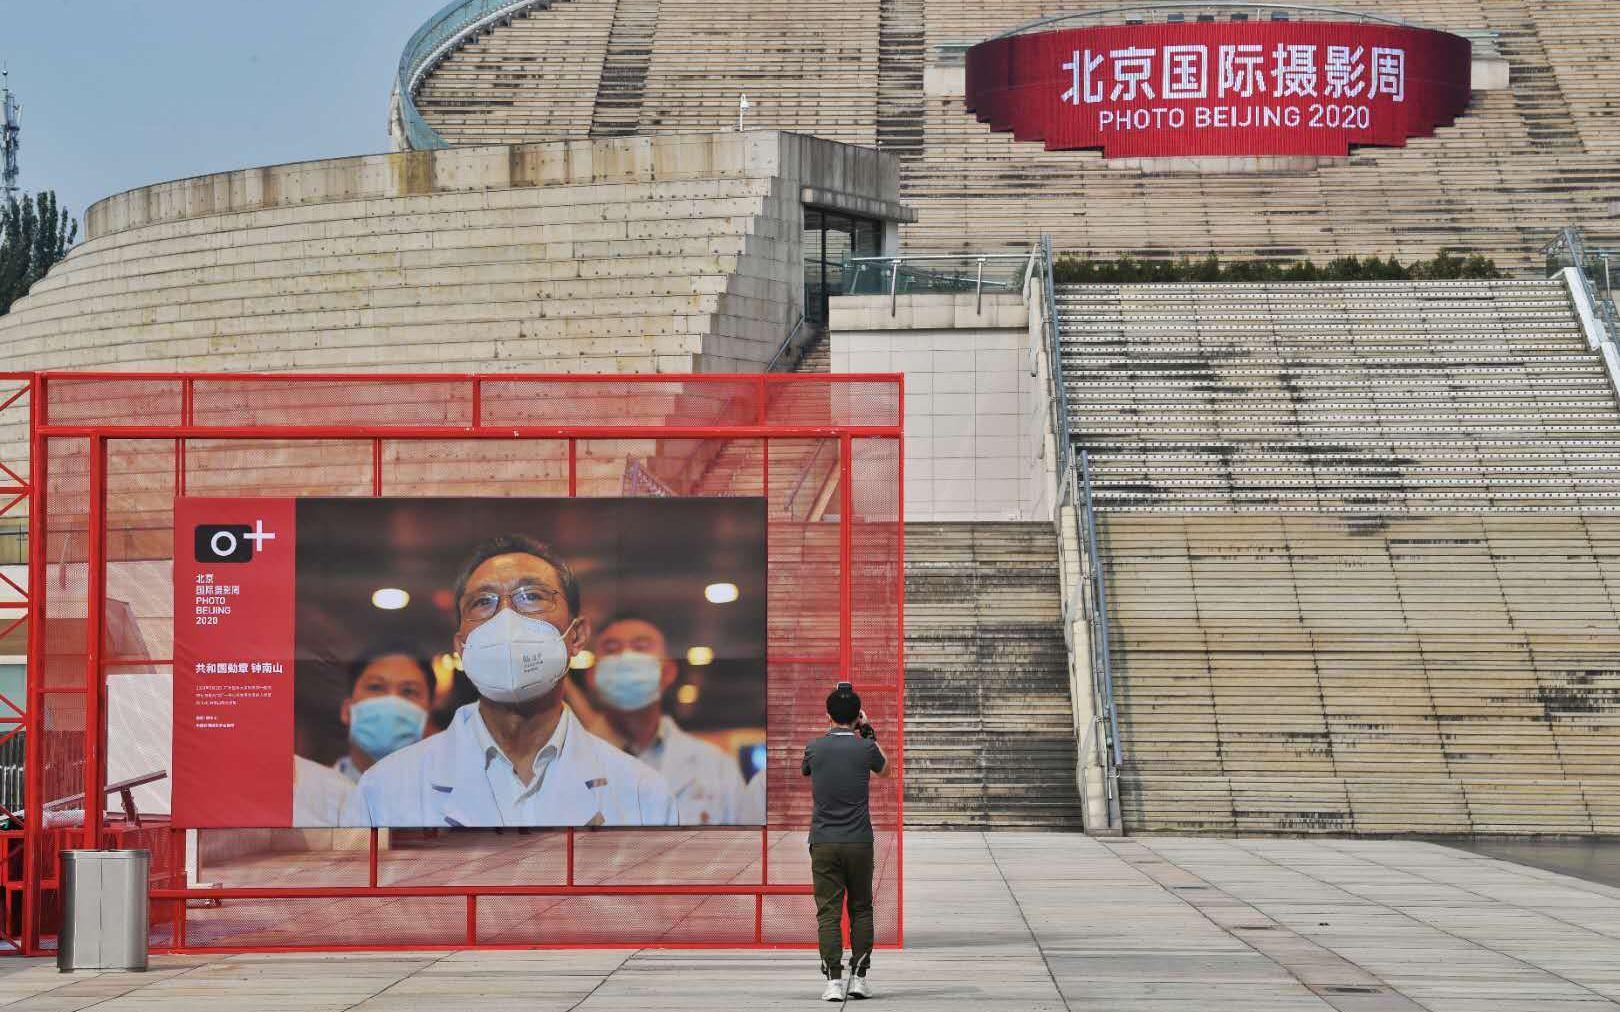 北京国际摄影周本周日登陆中华世纪坛,将开放一个月夜场图片